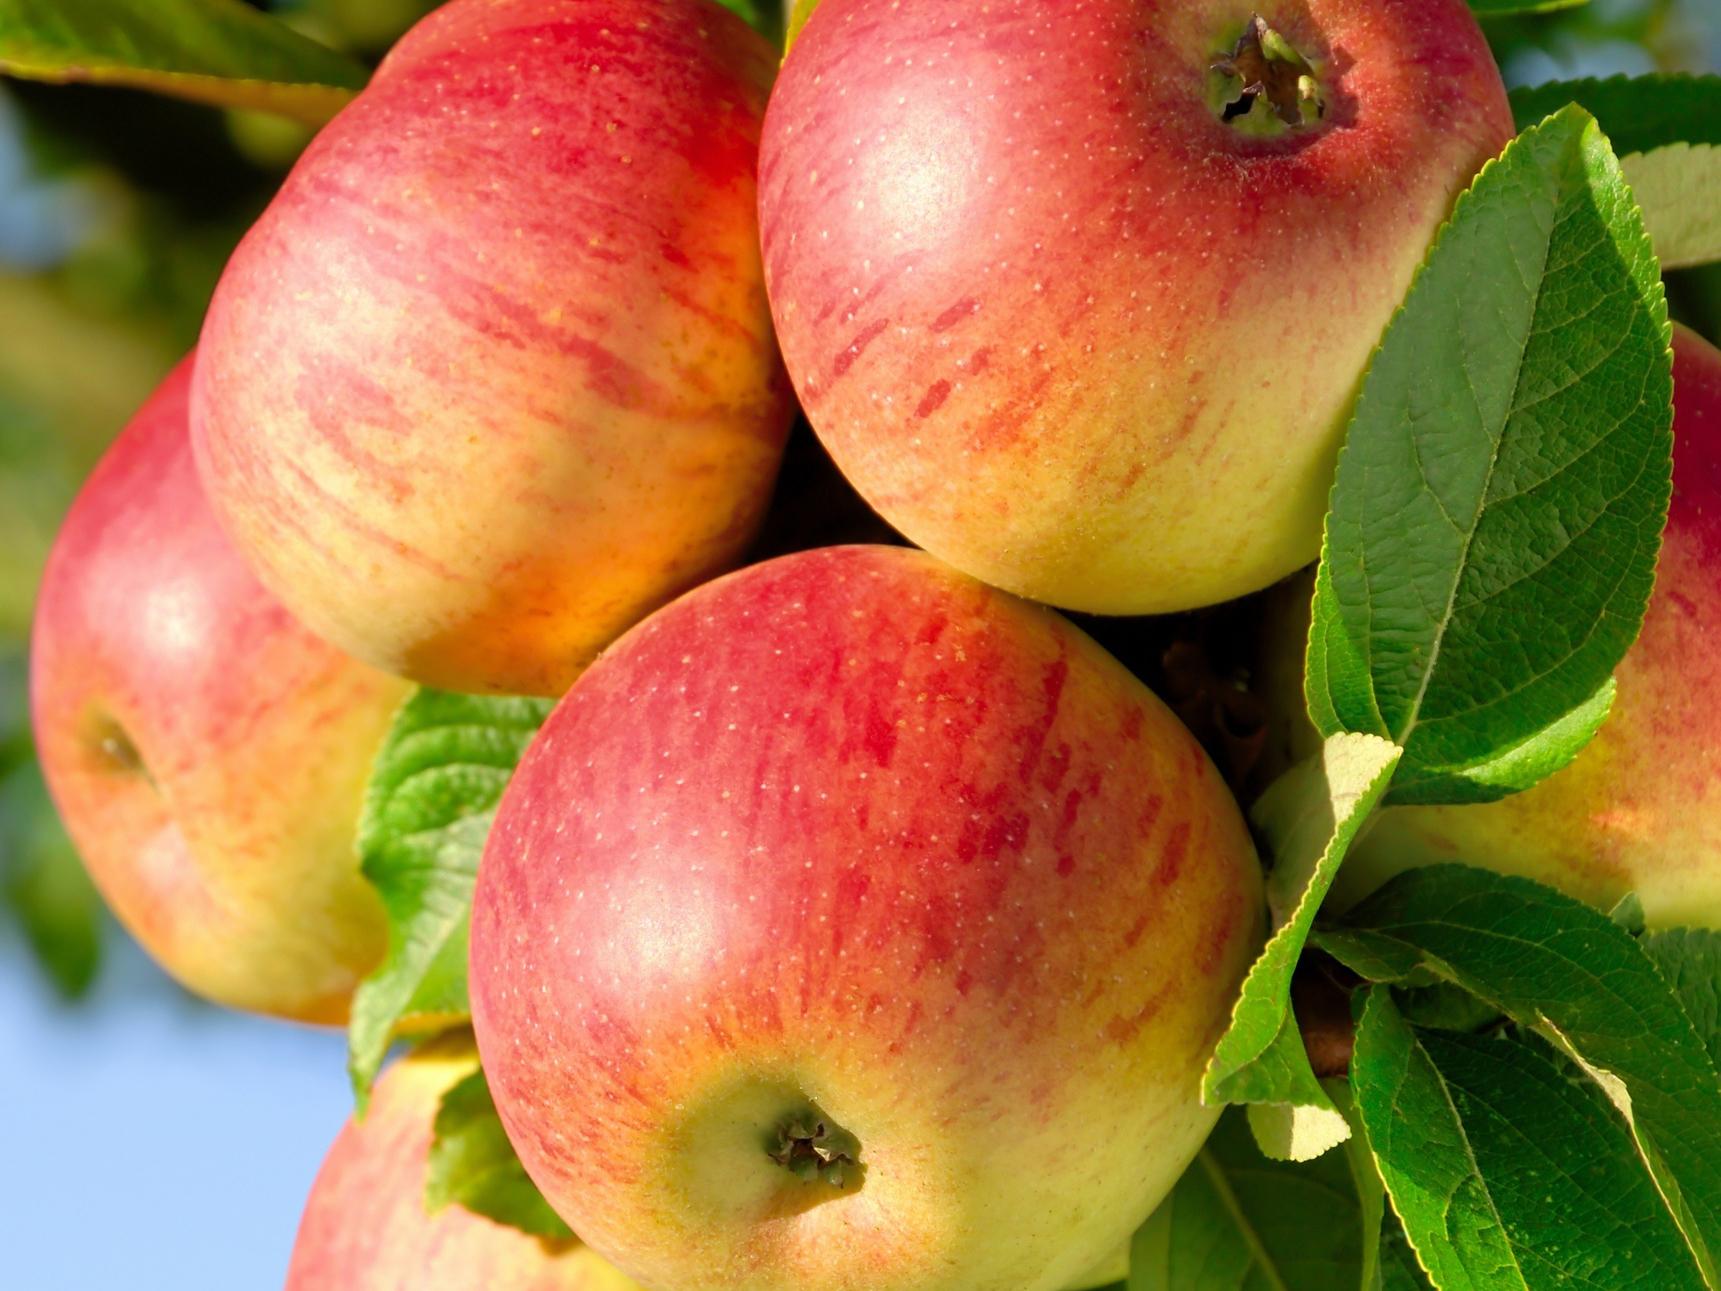 тут, яблоня яблочный спас описание фото отзывы нашем магазине